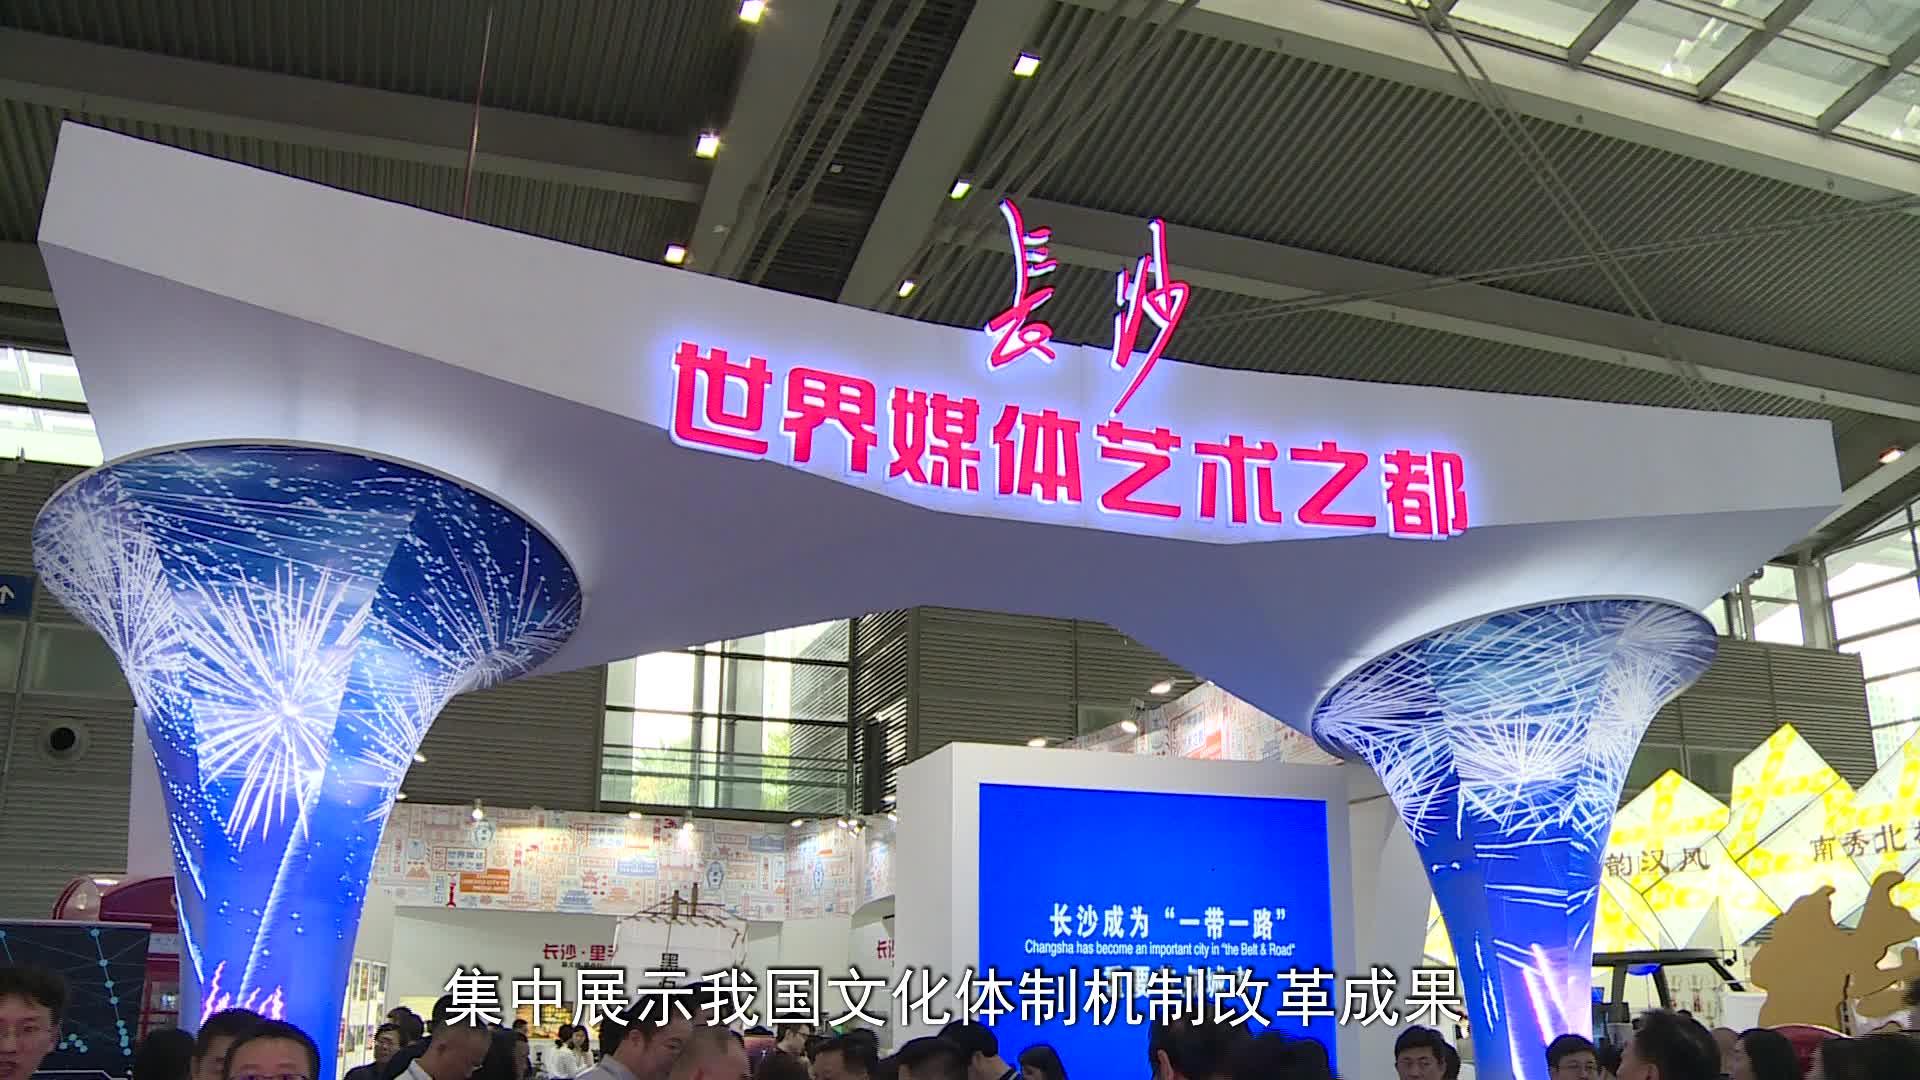 快讯:第十四届中国(深圳)国际文化产业博览交易会开幕